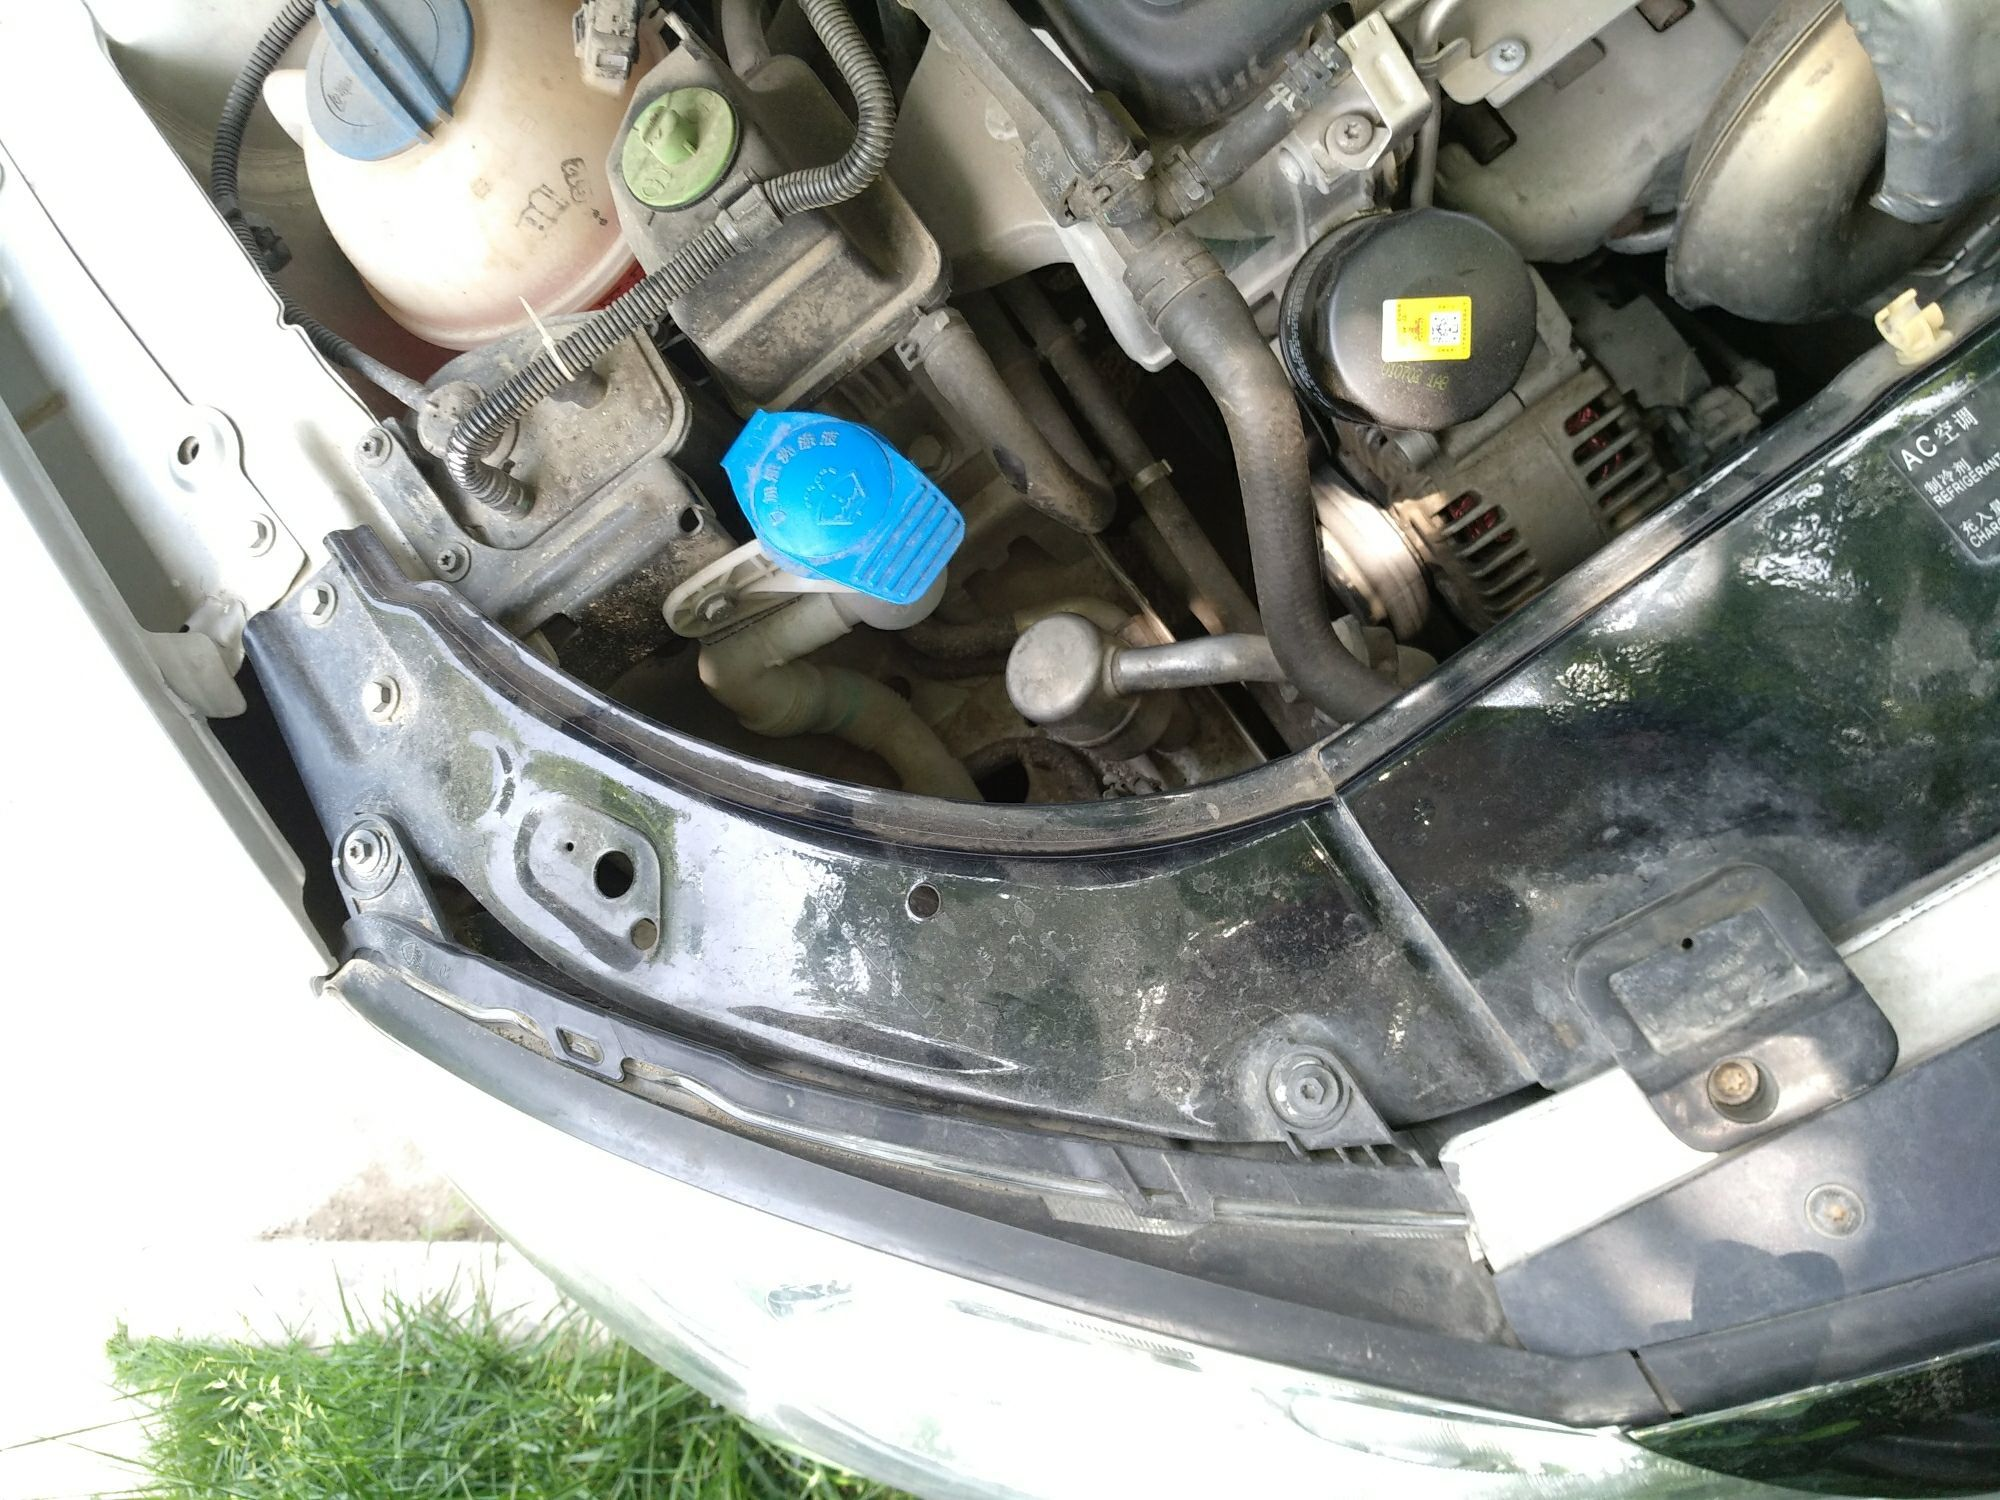 淮南二手大众朗逸 > 大众朗逸 2011  车头轻微的碰撞会导致水箱框架